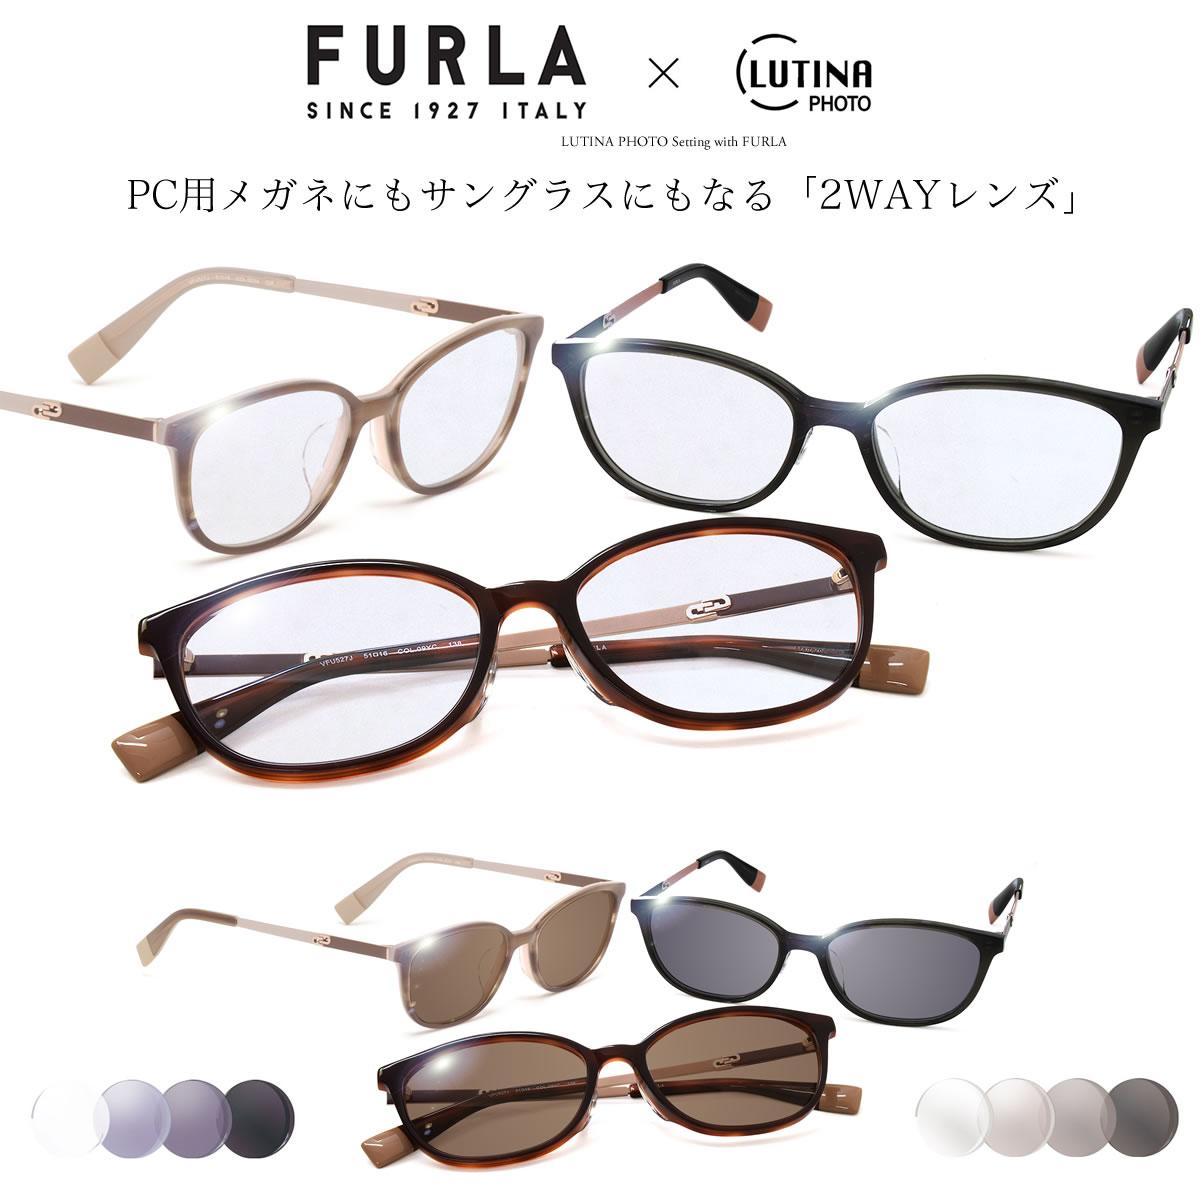 眼鏡・サングラス, サングラス  VFU527J HEV LUTINA PHOTO PC UV FURLA UV400 2WAY OS